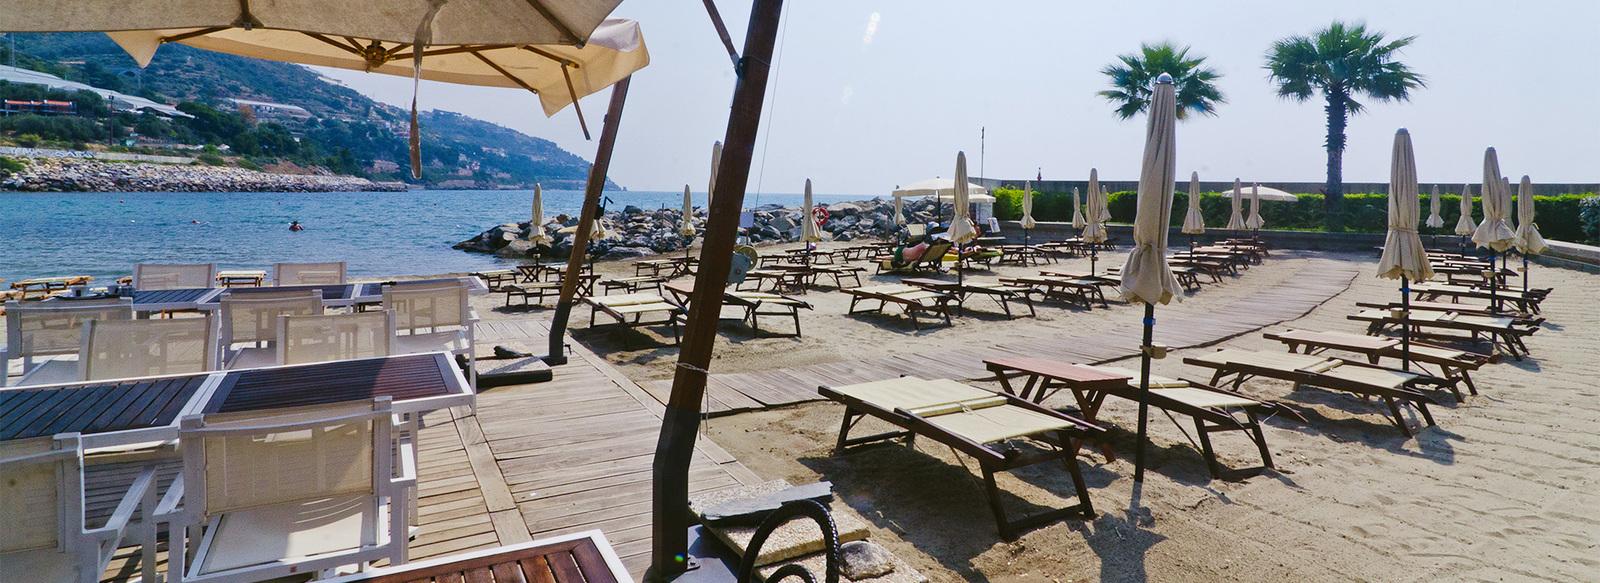 Charme fronte mare nella Riviera dei Fiori